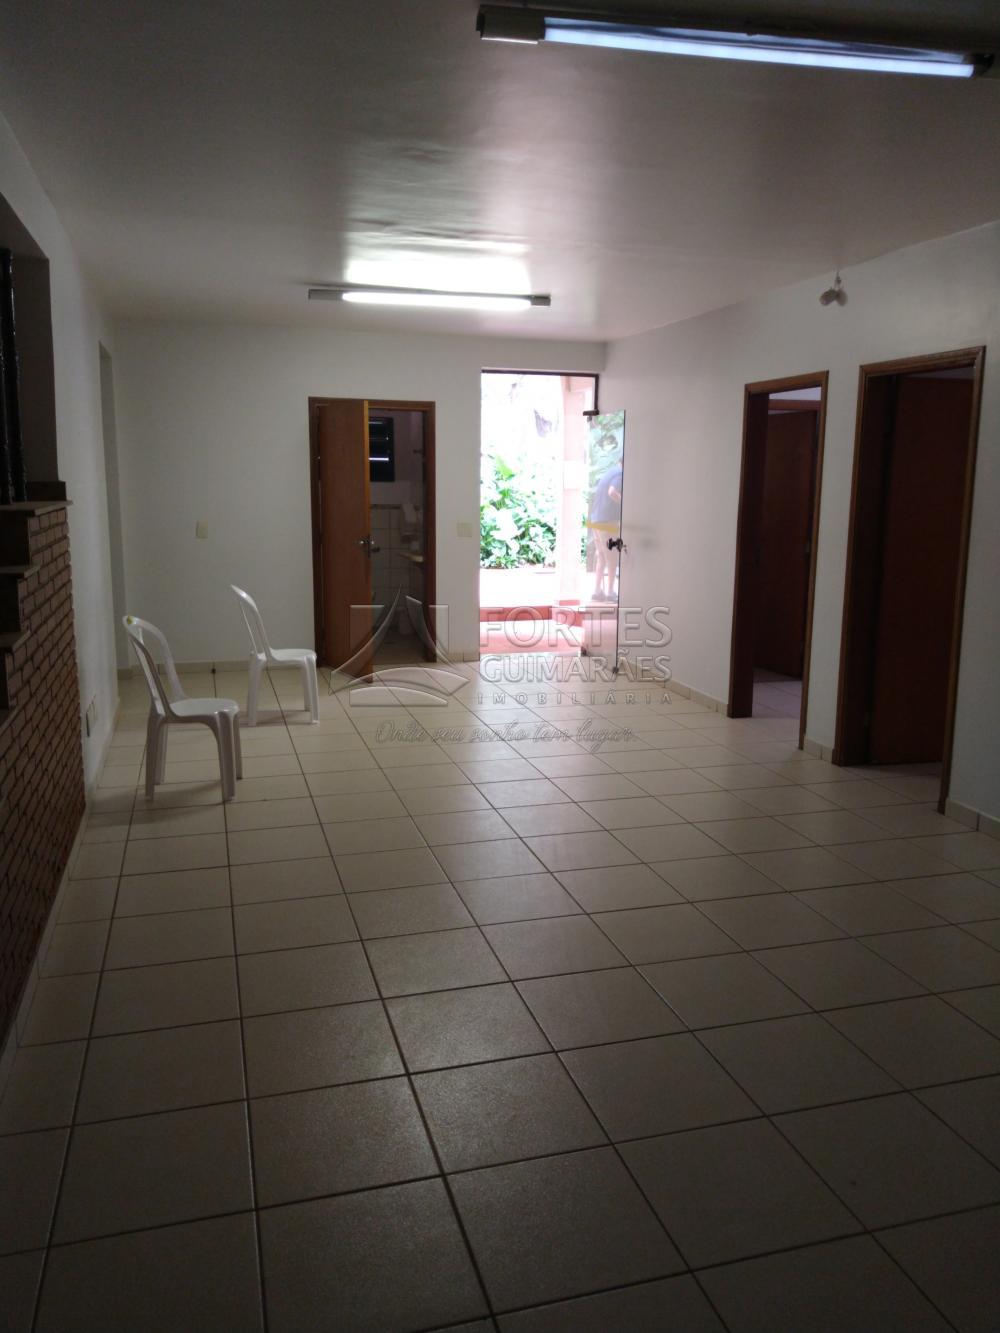 Alugar Comercial / Imóvel Comercial em Ribeirão Preto apenas R$ 12.000,00 - Foto 101